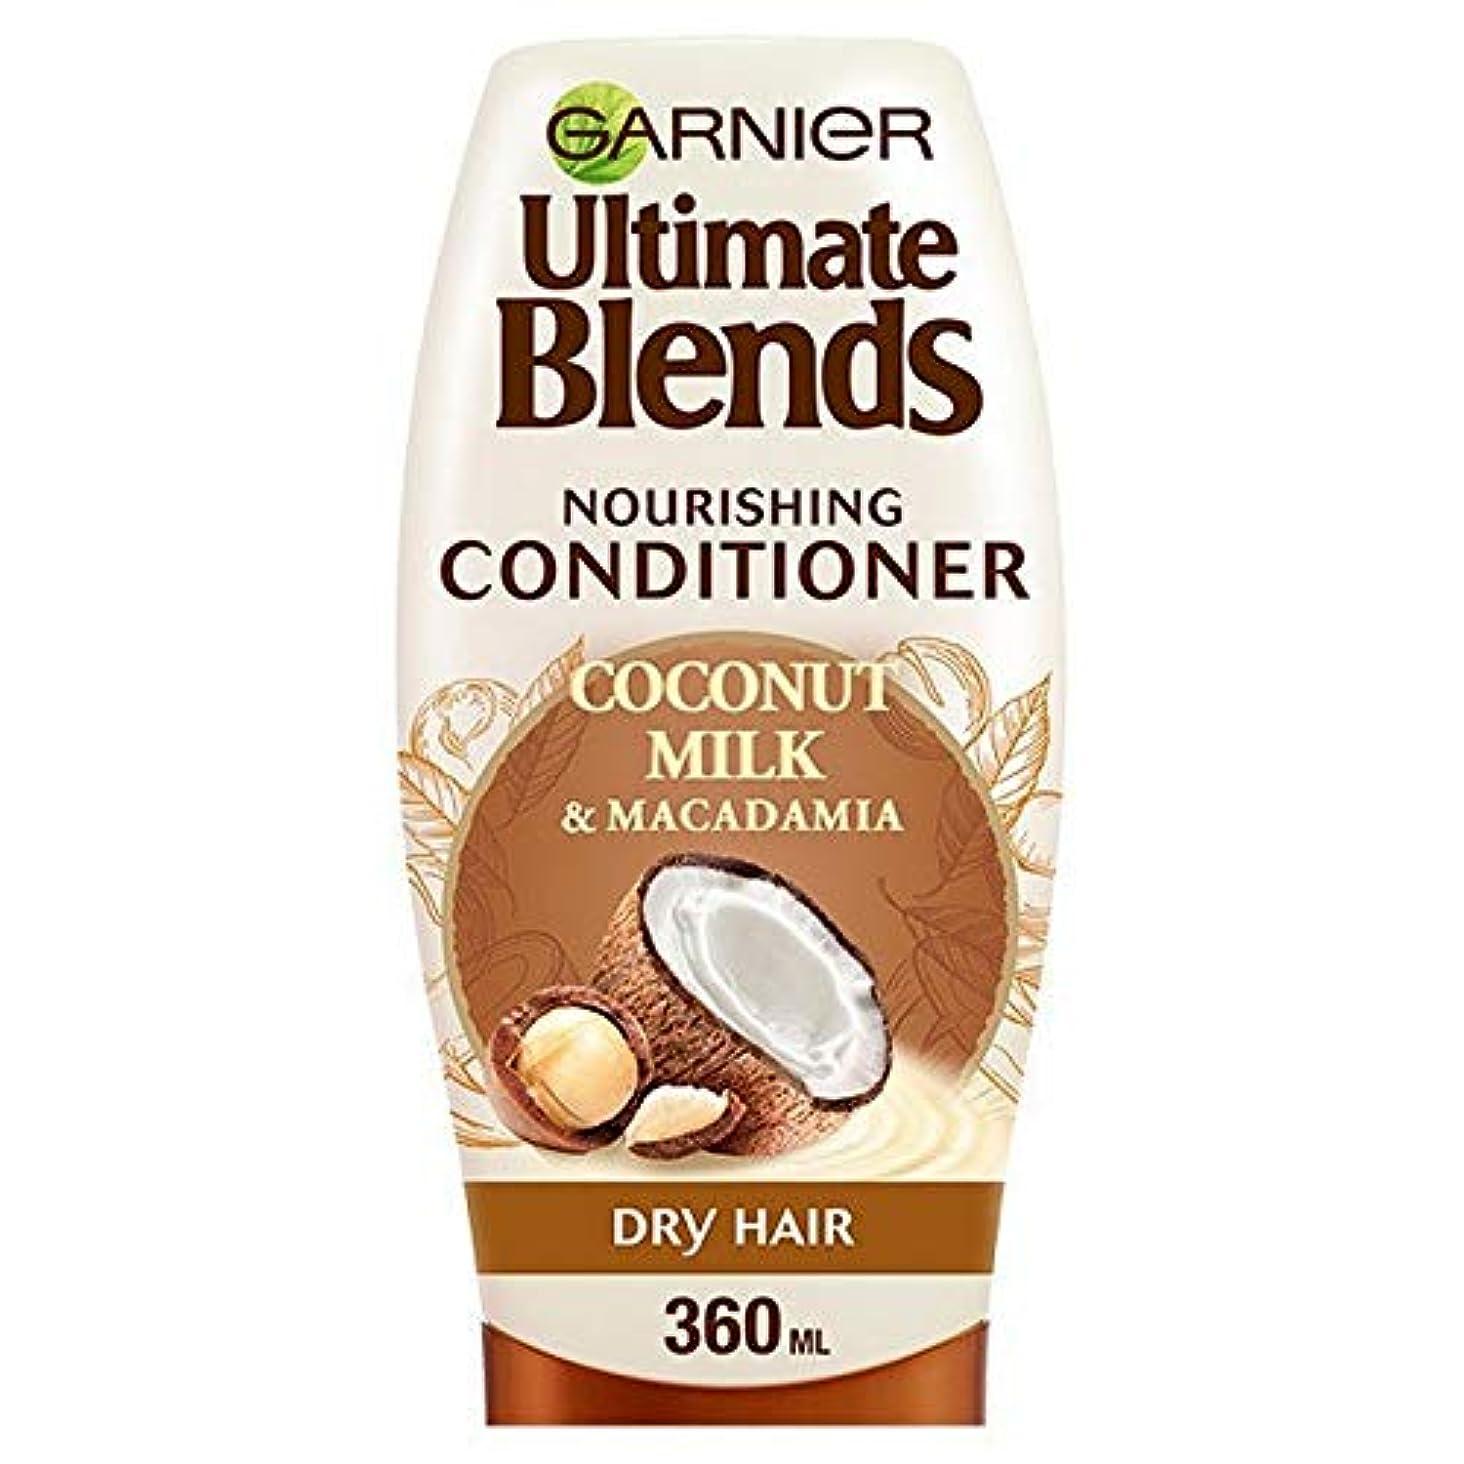 厳密に治安判事混乱させる[Garnier ] 究極のブレンドココナッツミルクドライヘアコンディショナー360ミリリットル - Ultimate Blends Coconut Milk Dry Hair Conditioner 360ml [並行輸入品]